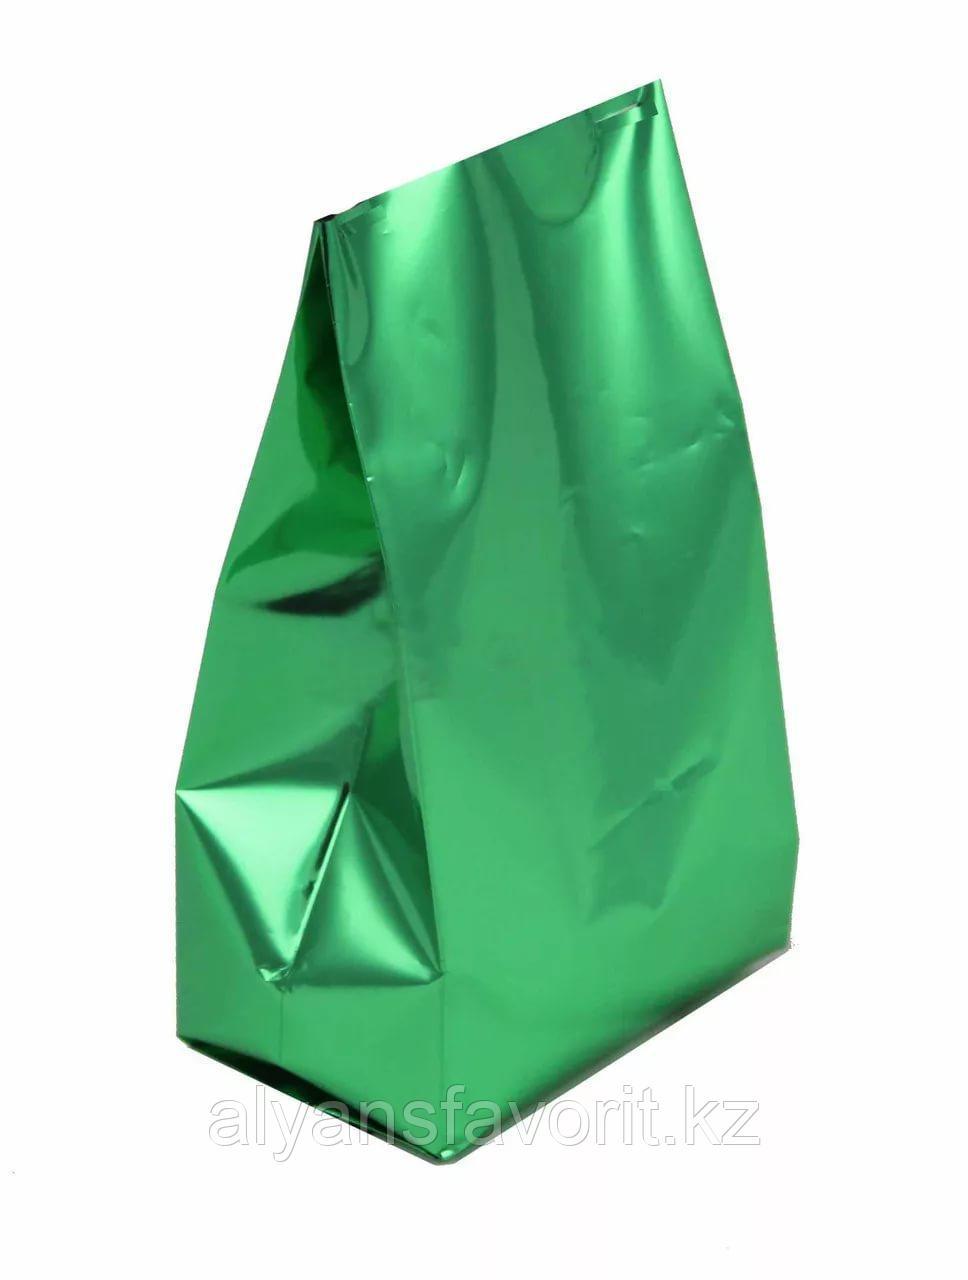 Пакет дой пак металлизированный зеленый глянцевый с центральным швом (двухшовный)